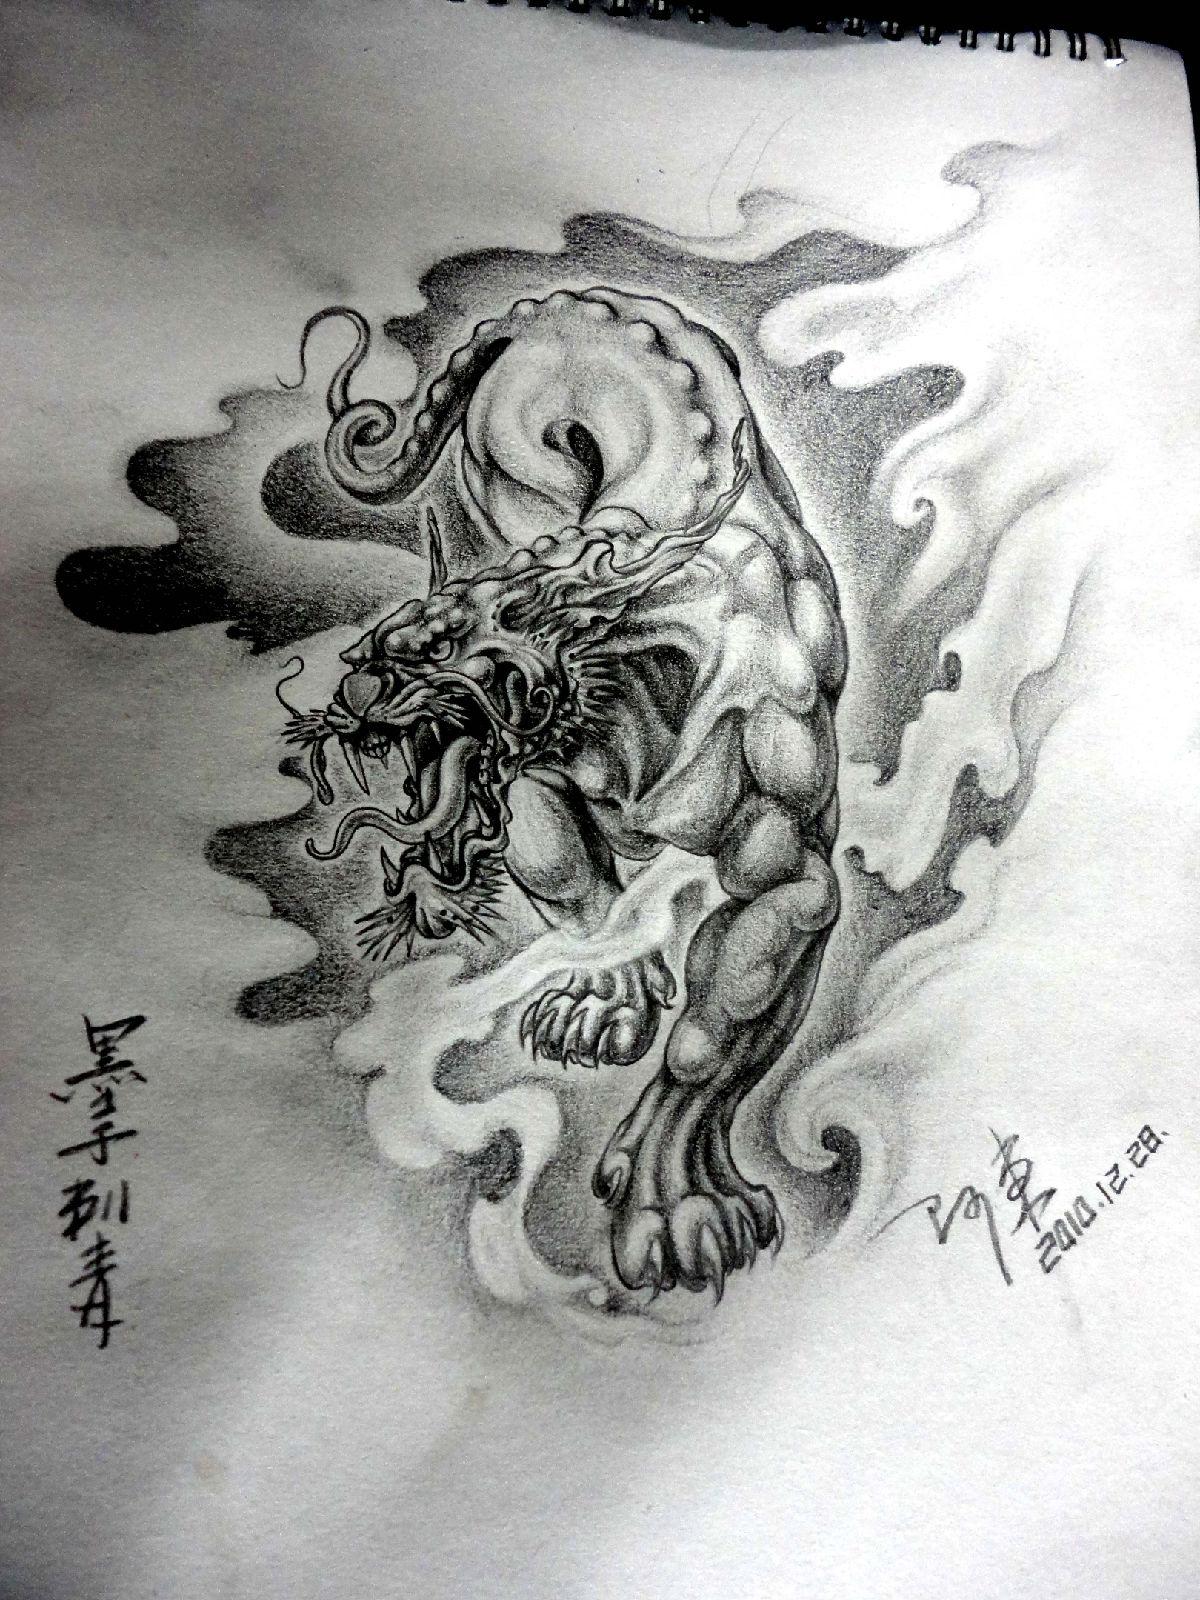 麒麟纹身手稿小图分享展示图片